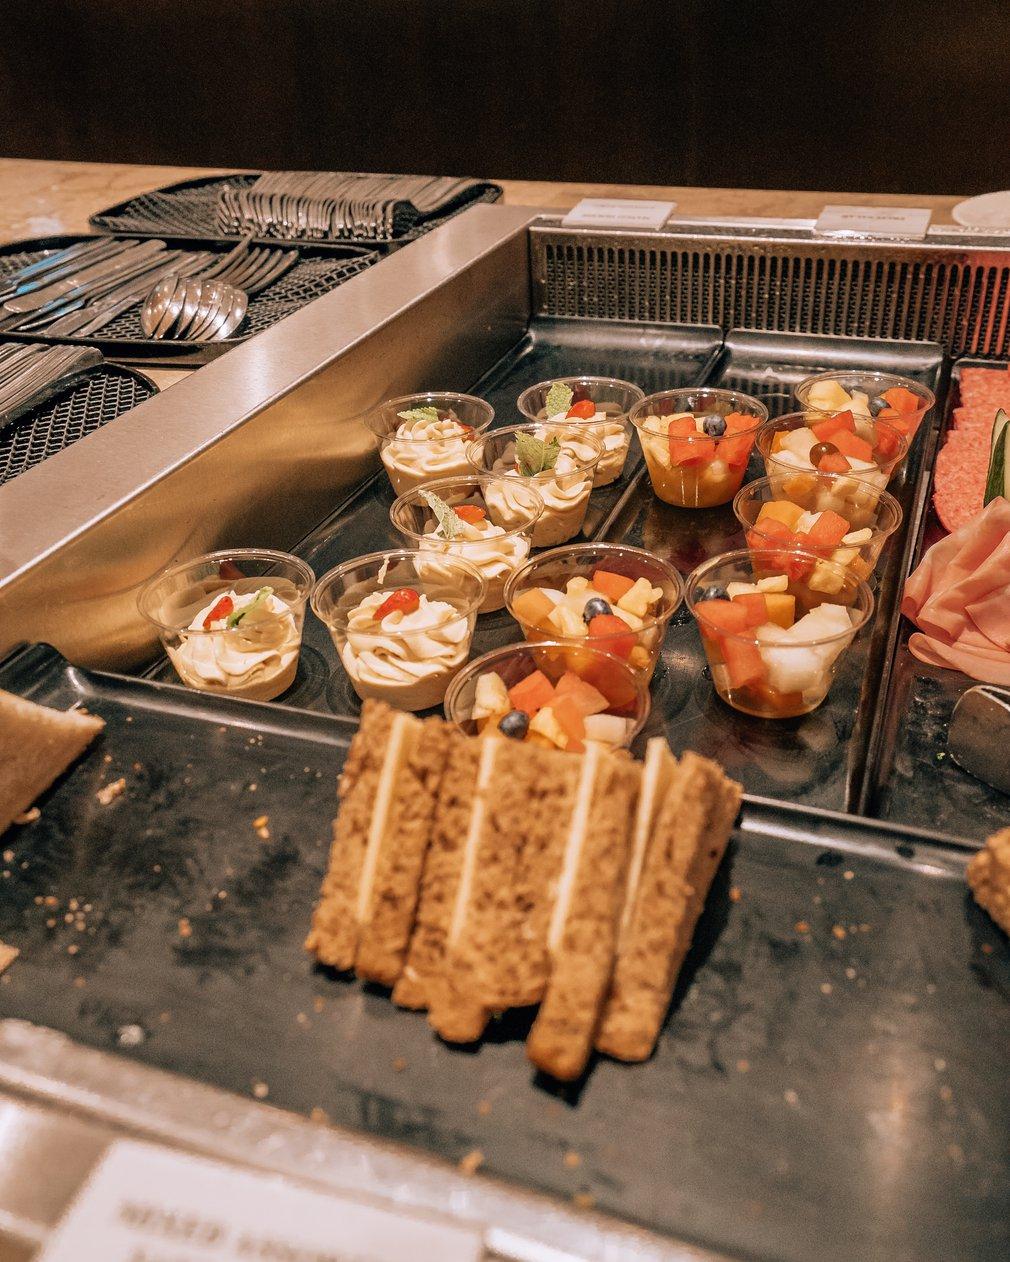 Norwegian breakfast served